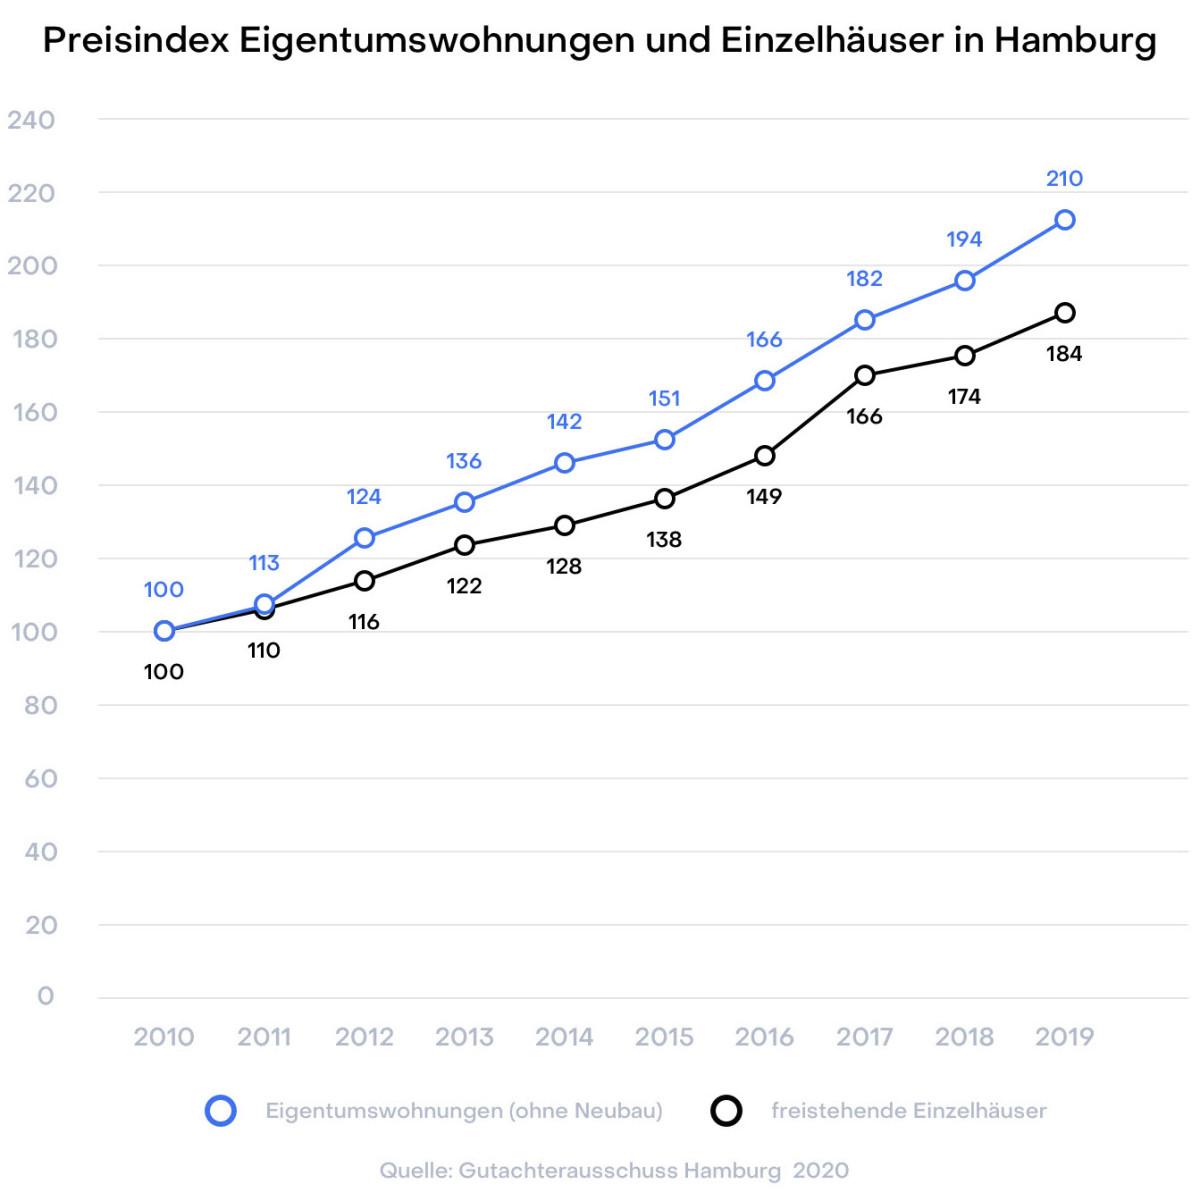 Hamburg Preisindex Wohnungen und Einfamilienhäuser Gutachterausschuss